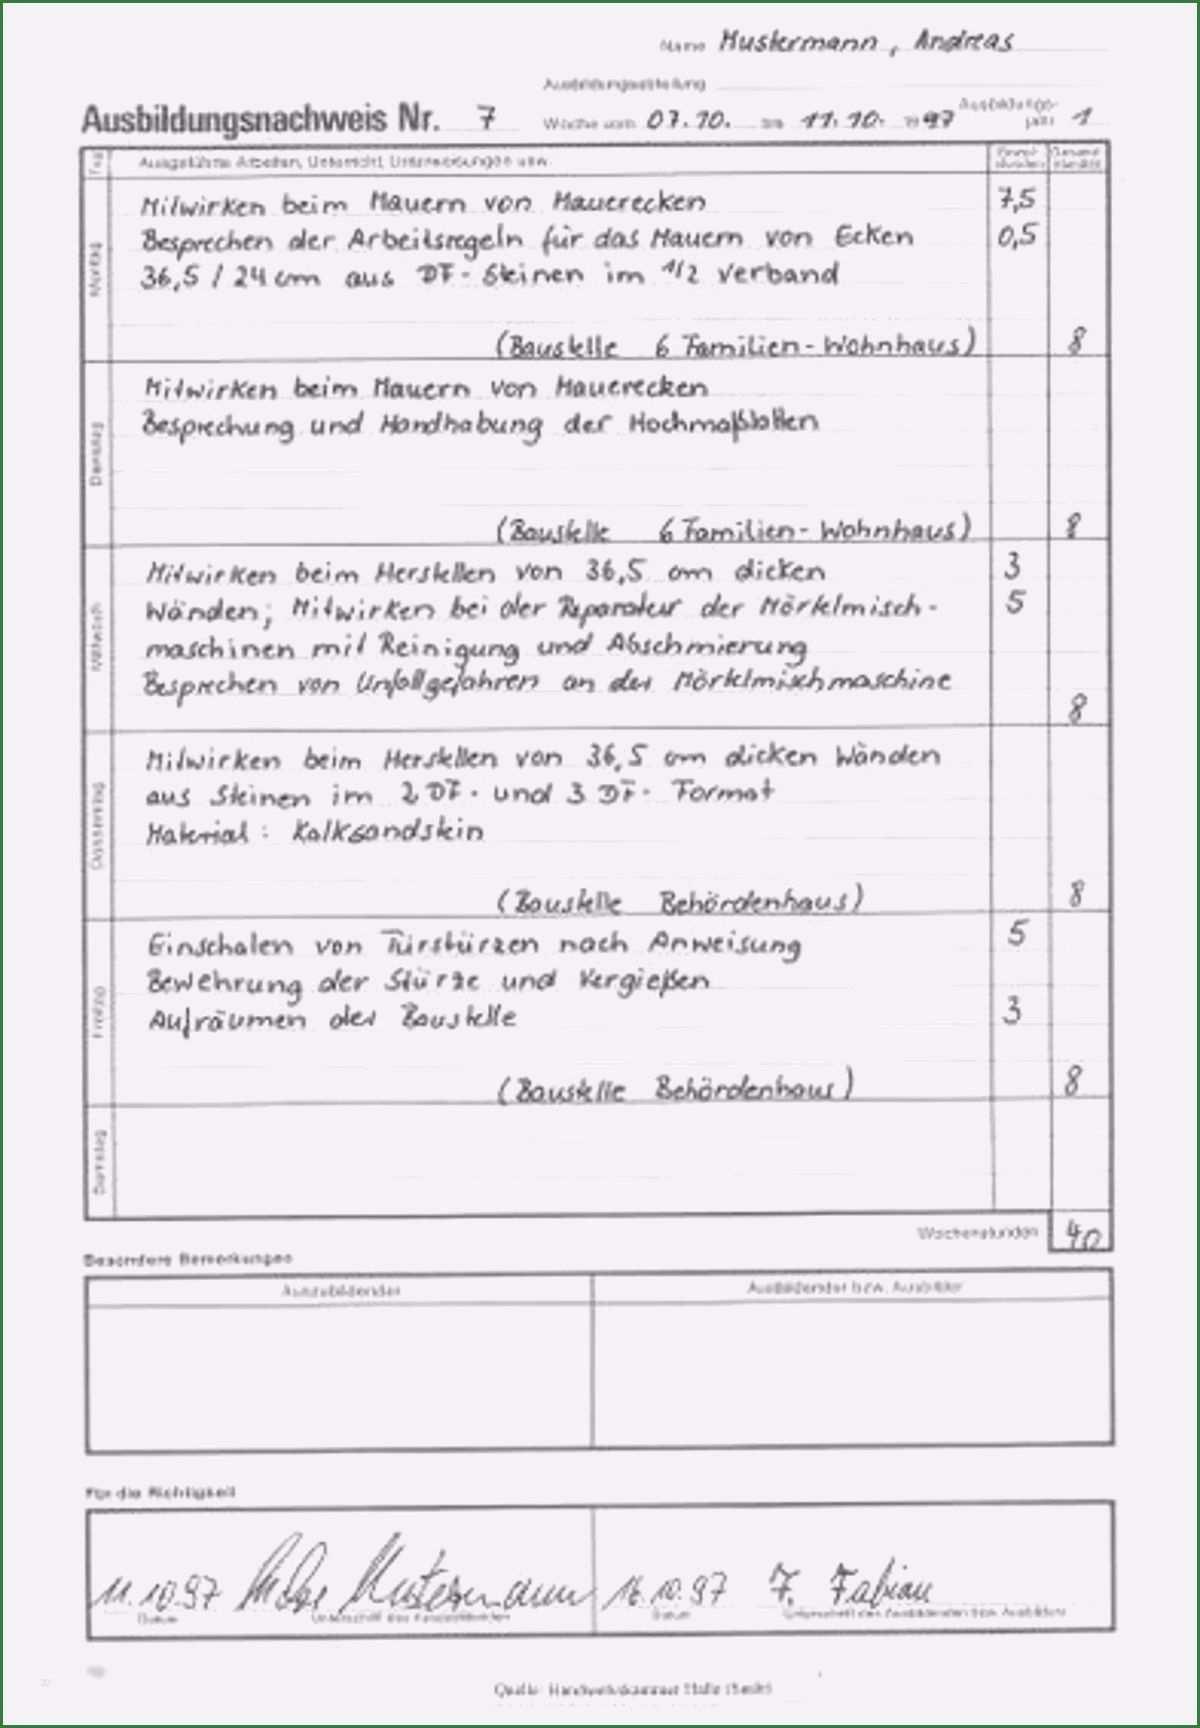 15 Schema Das Dauert Nicht Lange Lebenslauf Briefkopf Vorlage Microsoft Word